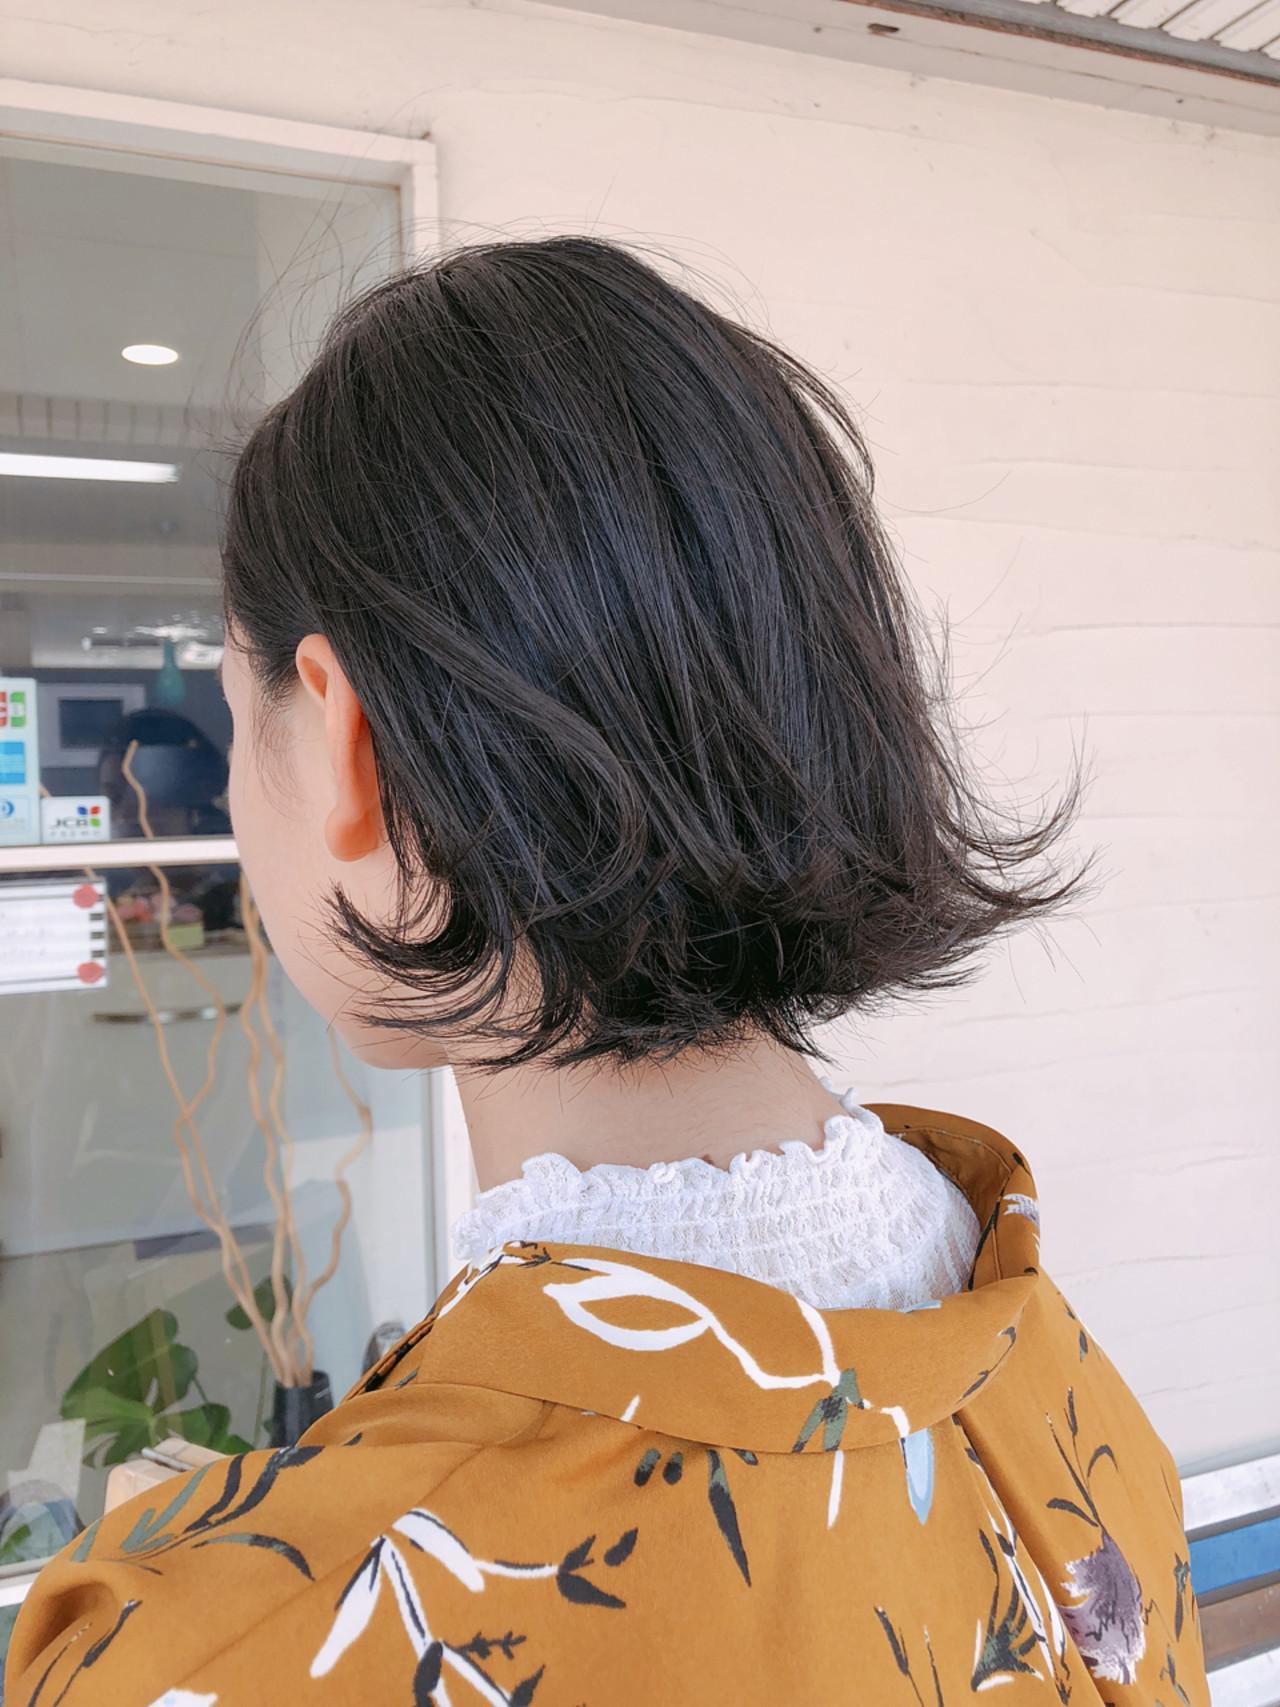 ナチュラル 外ハネ 切りっぱなし 伸ばしかけ ヘアスタイルや髪型の写真・画像